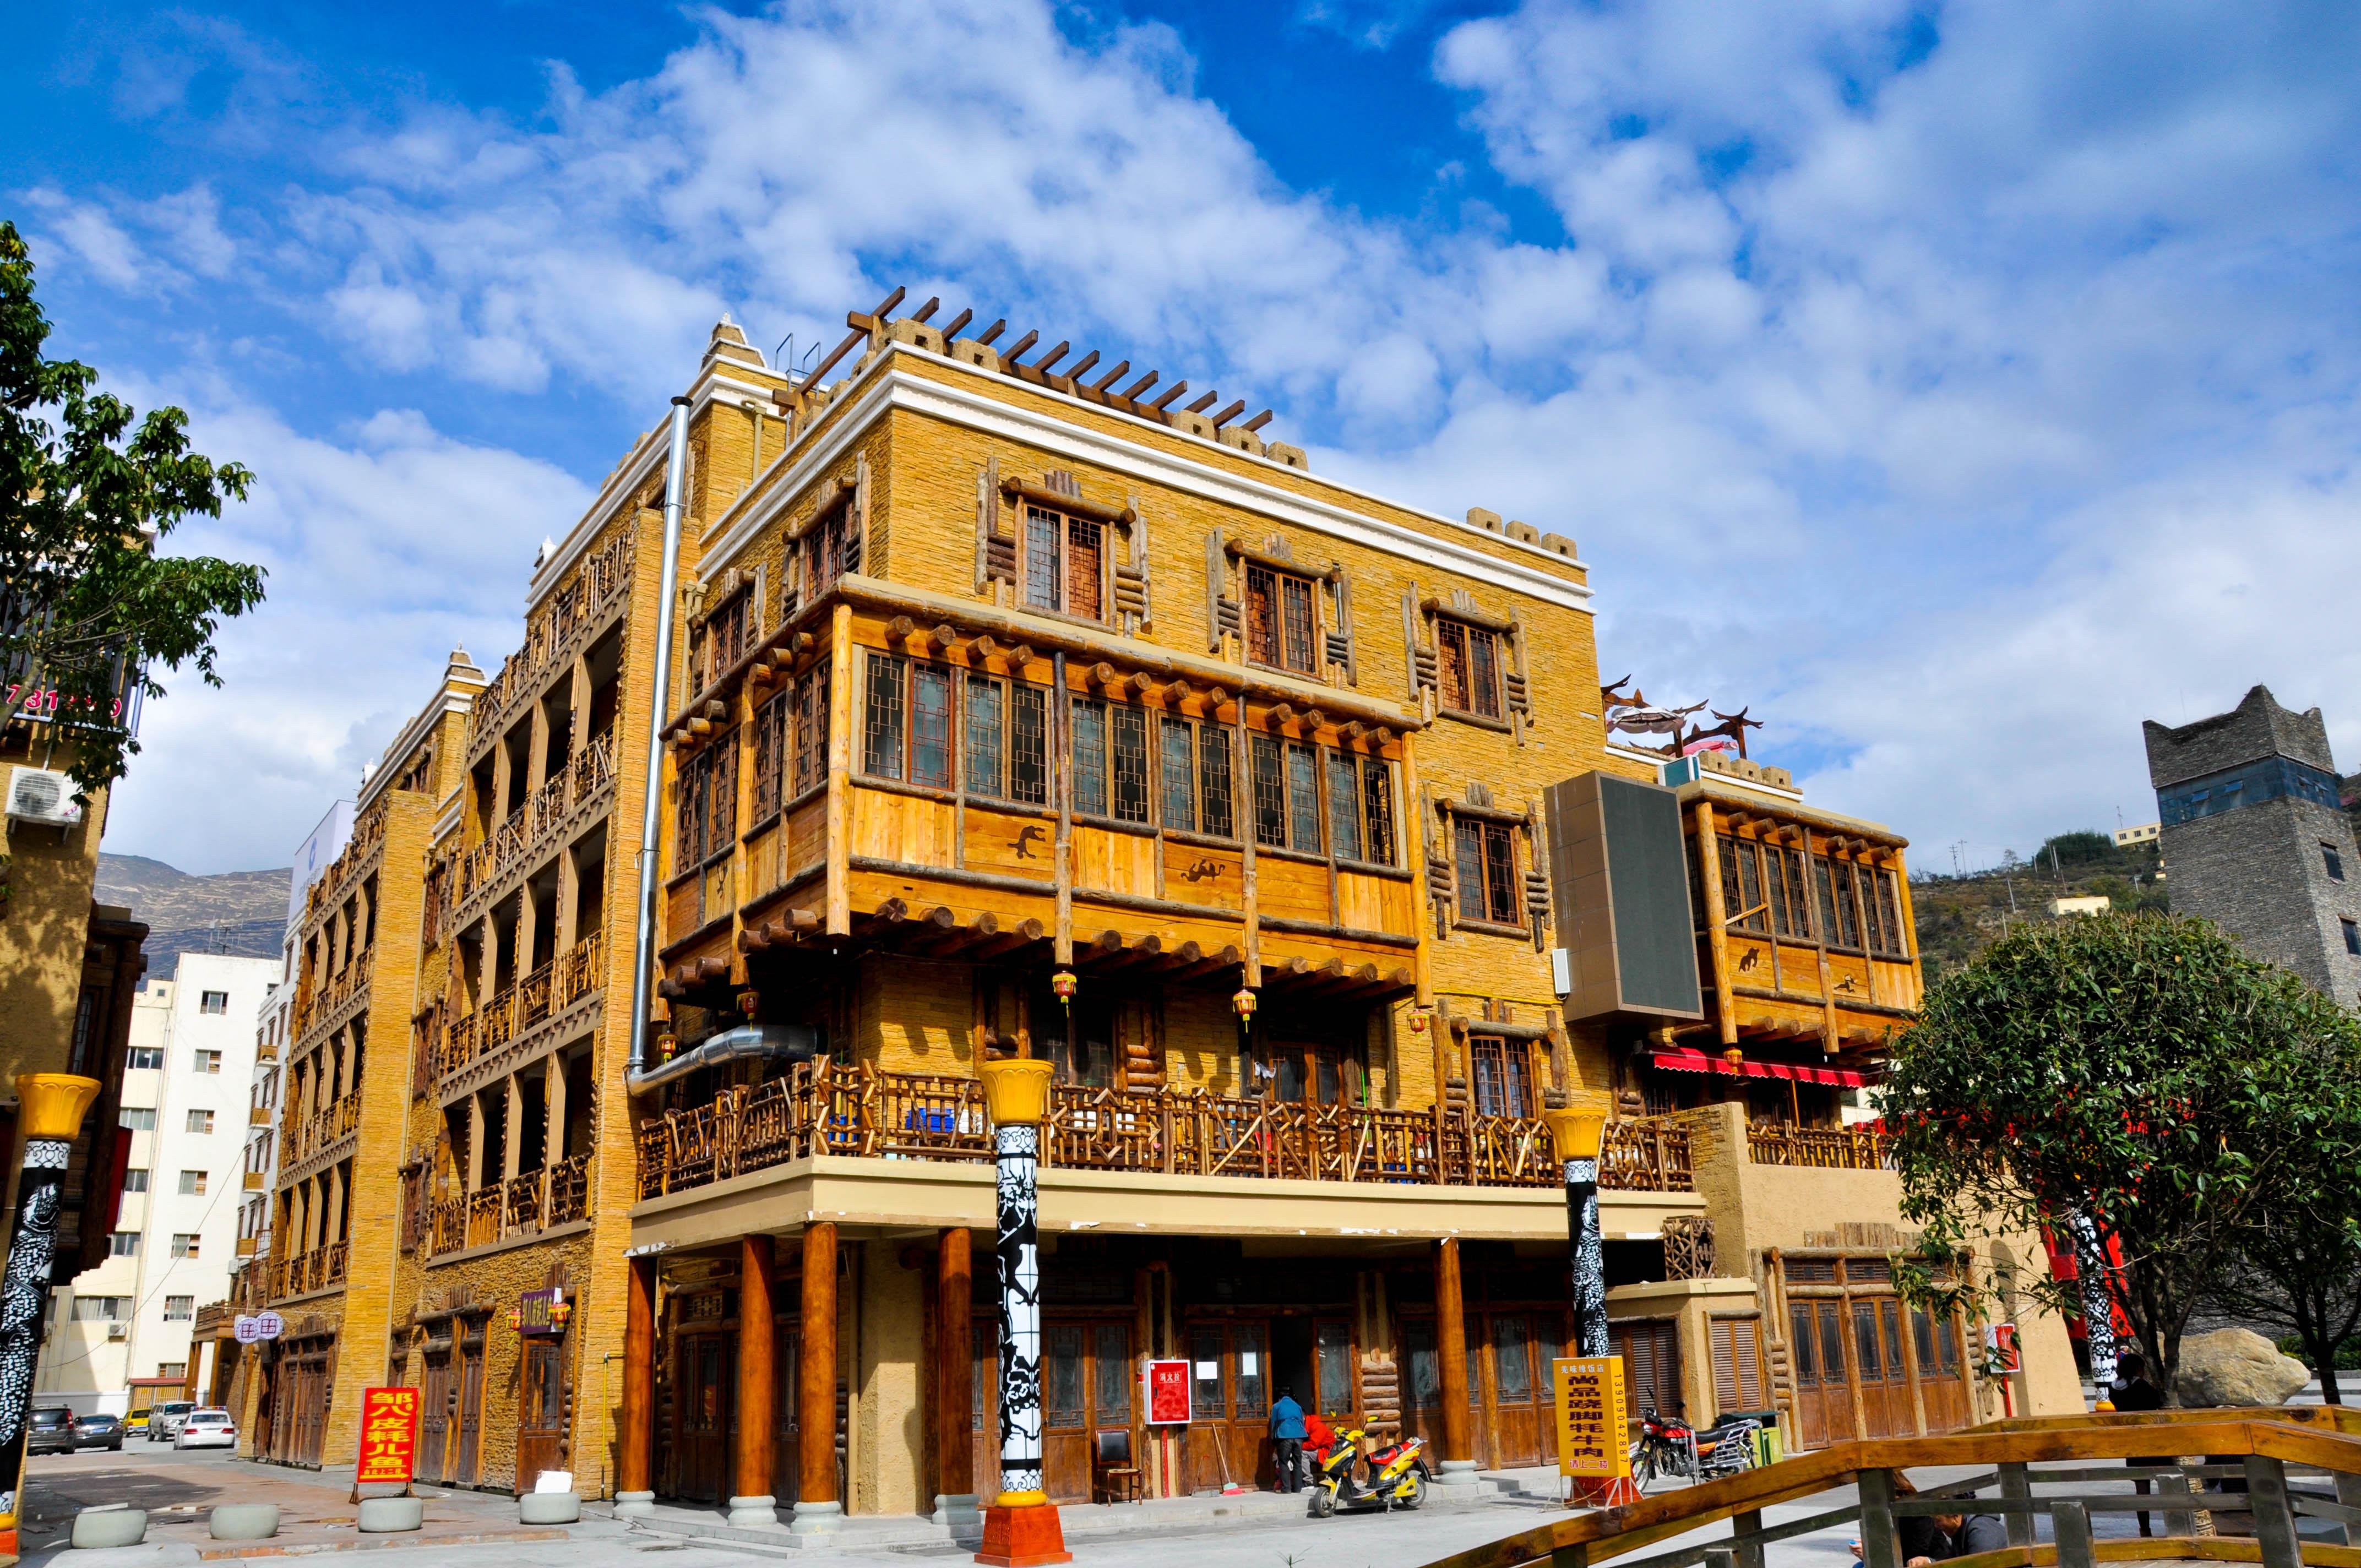 政府在建筑设计上都具有浓郁藏羌